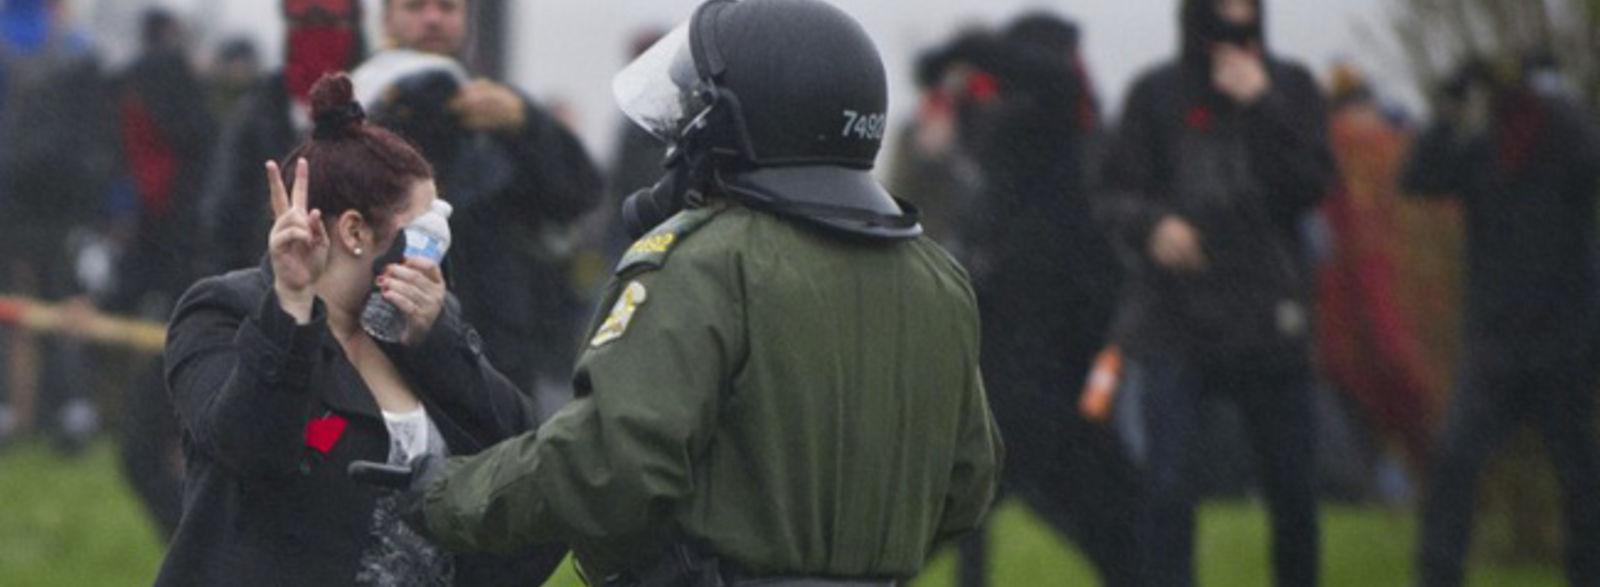 Printemps québécois, quand la « chienlit » devient gouvernementale